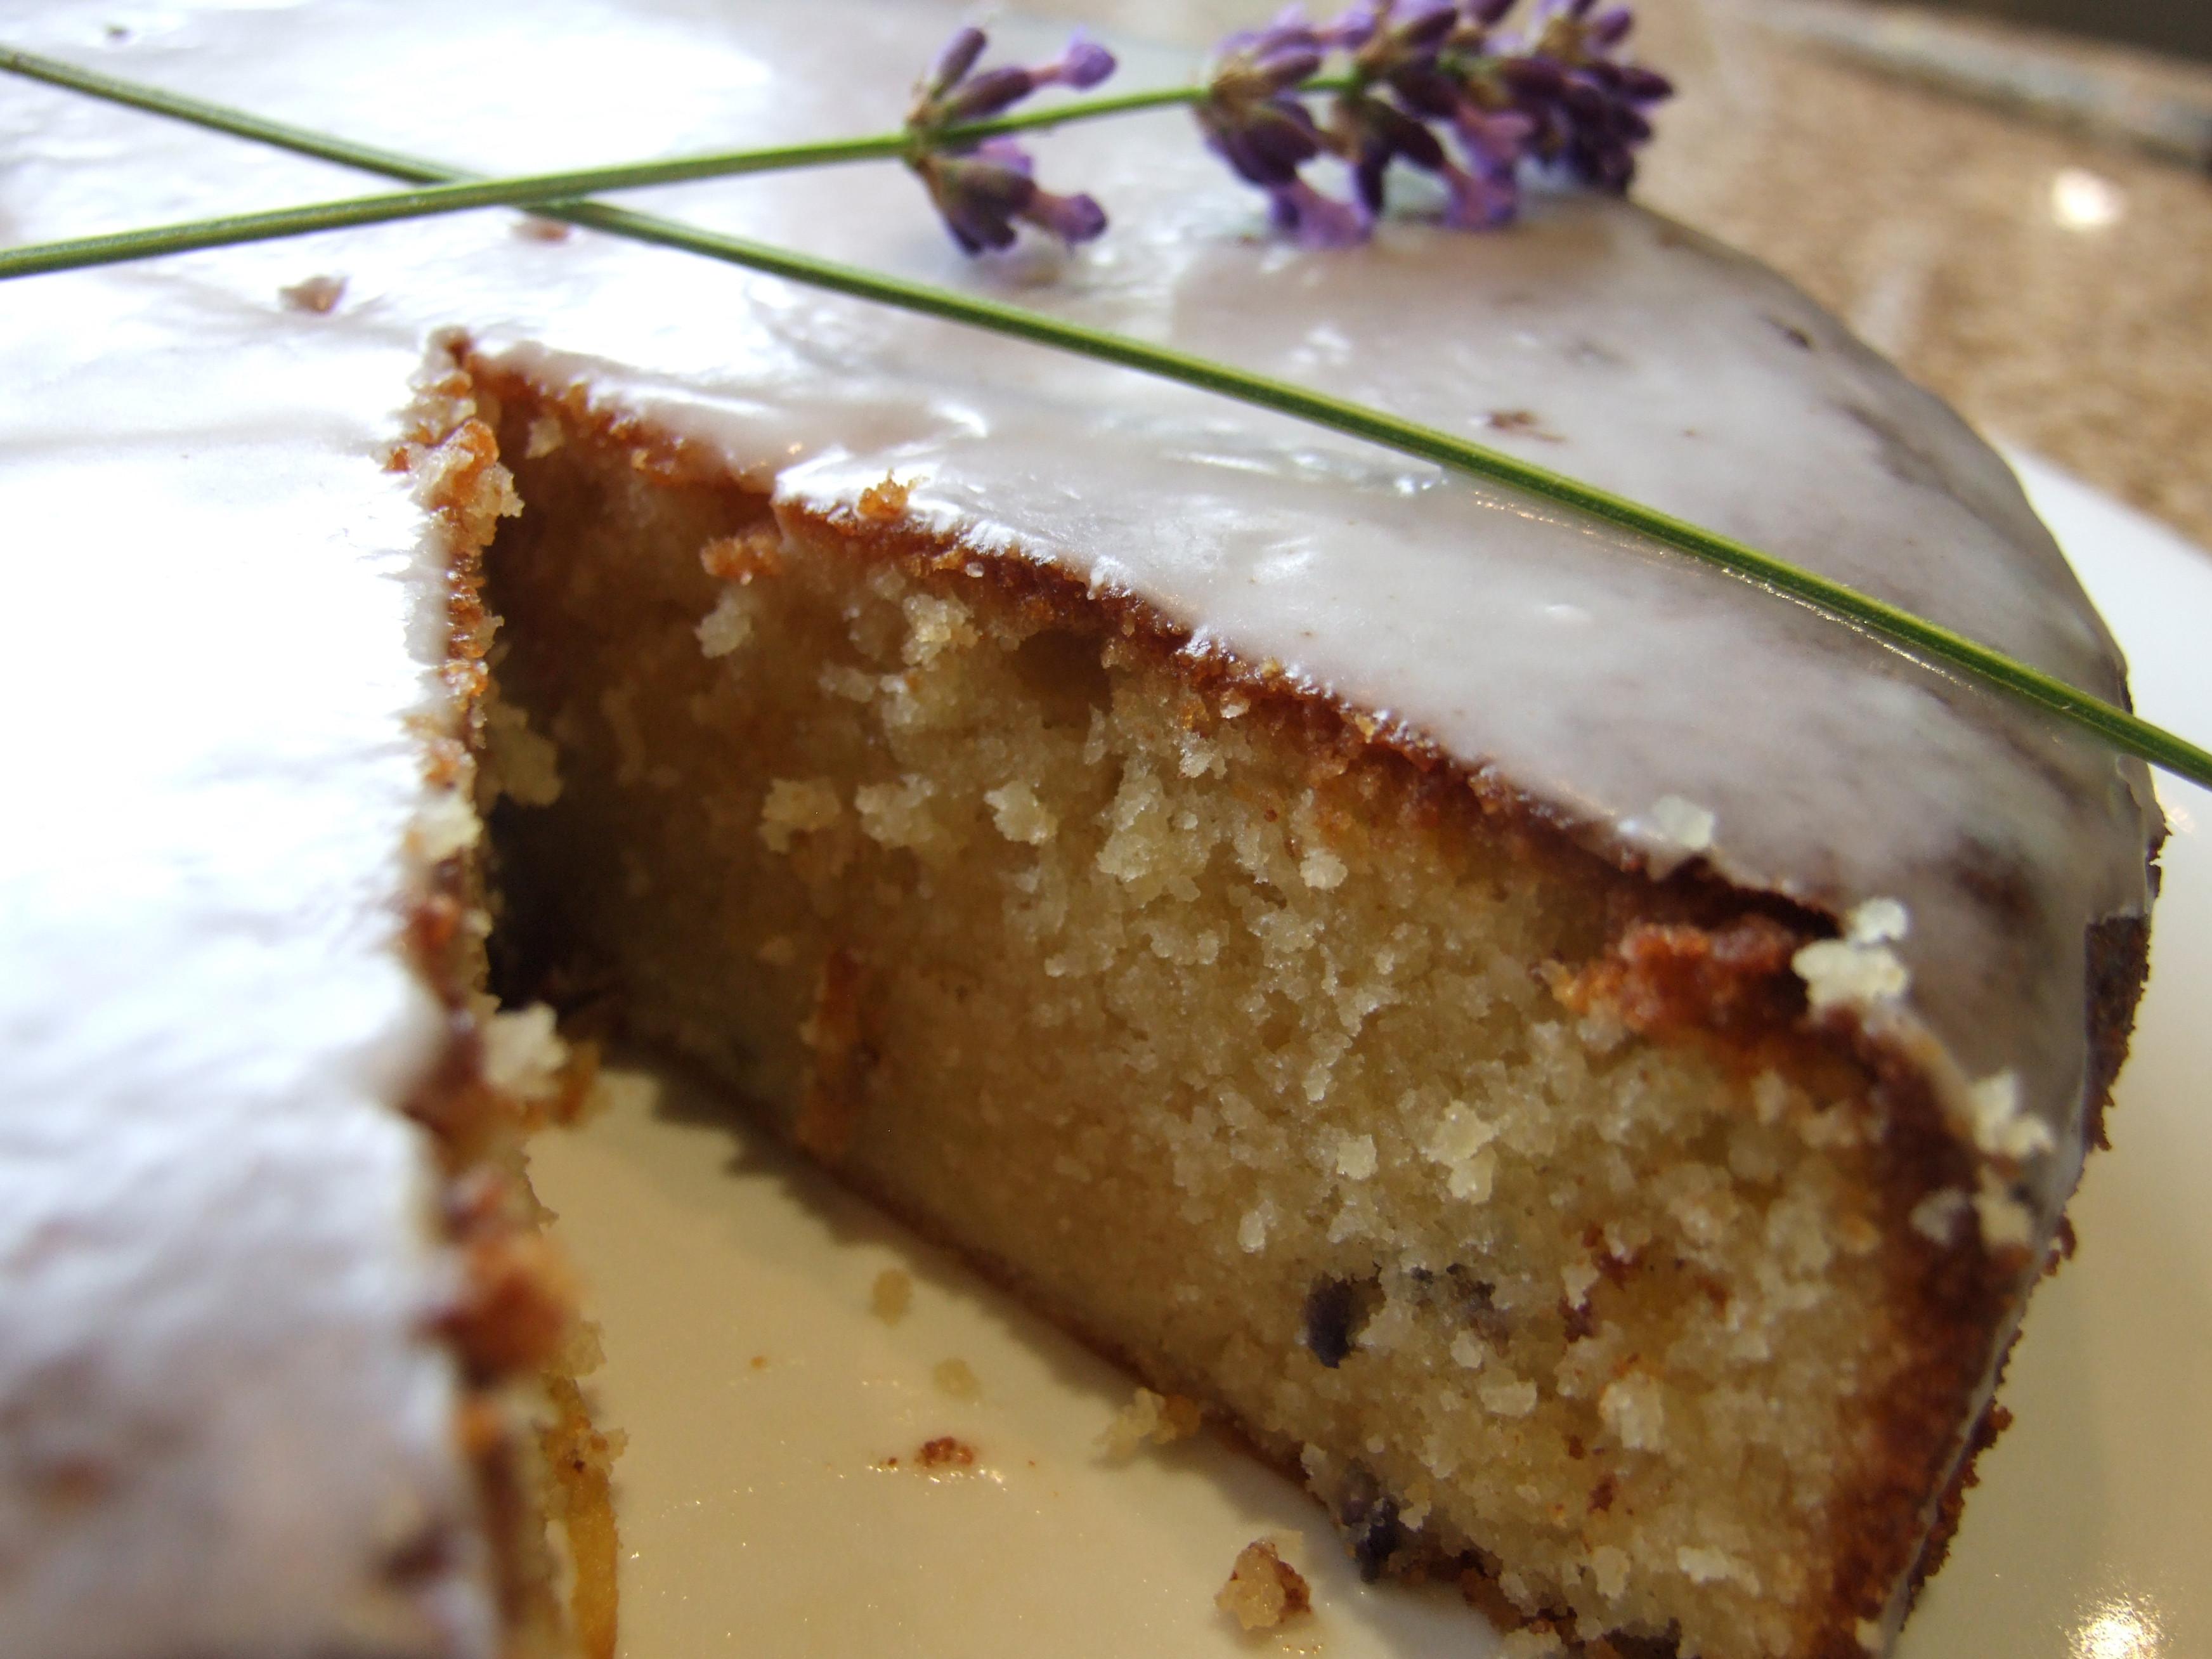 Lemon Lavender Cake  Lemon lavender and almond cake gluten free Family